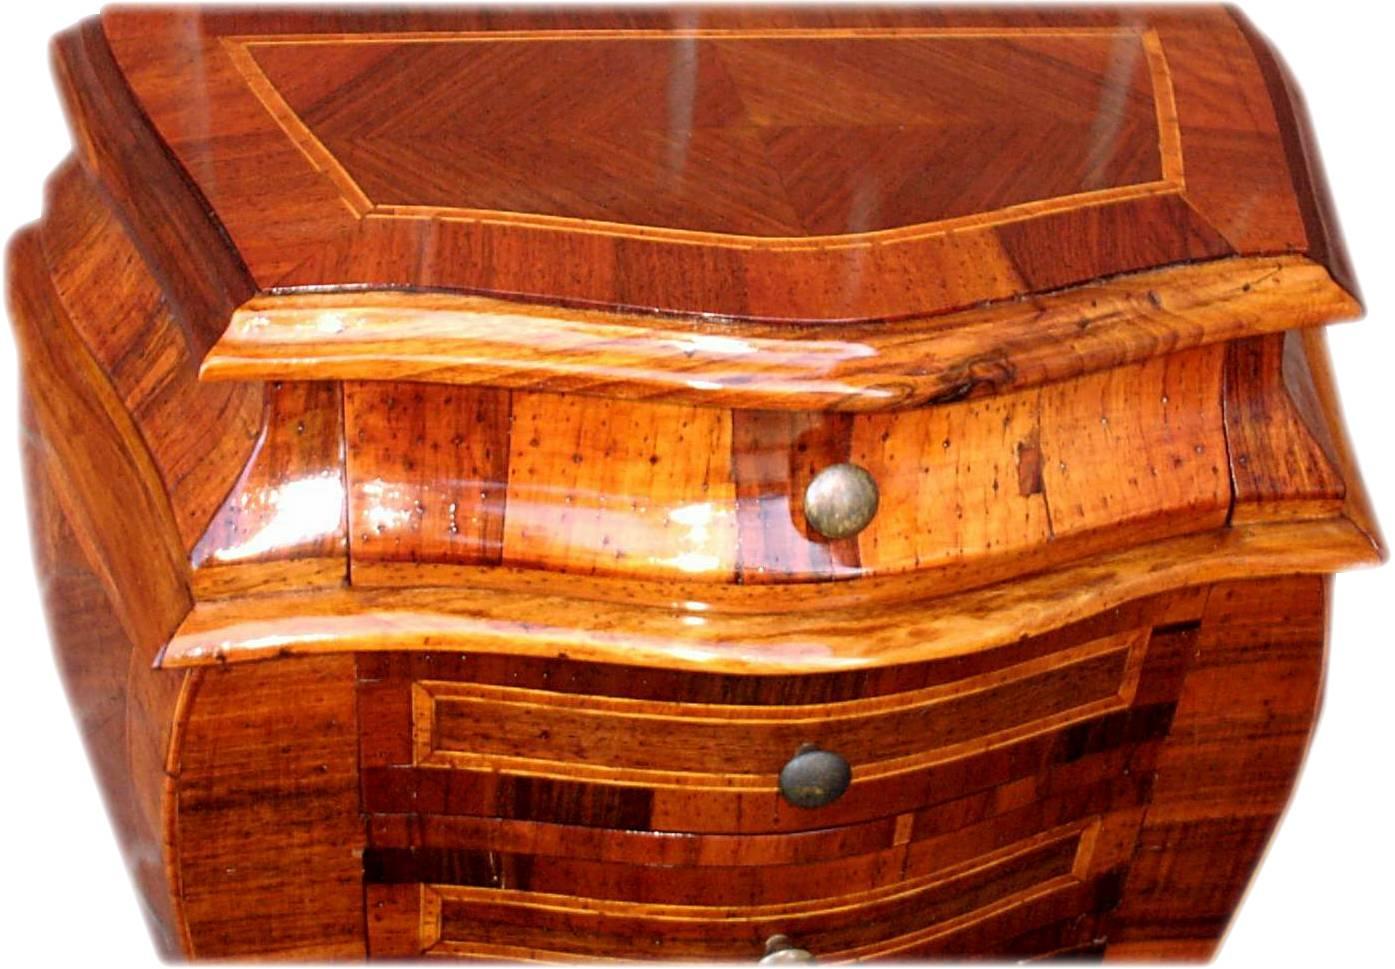 Settimanale cassettiera da ingresso vecchia cerea la for Catalogo di mobili